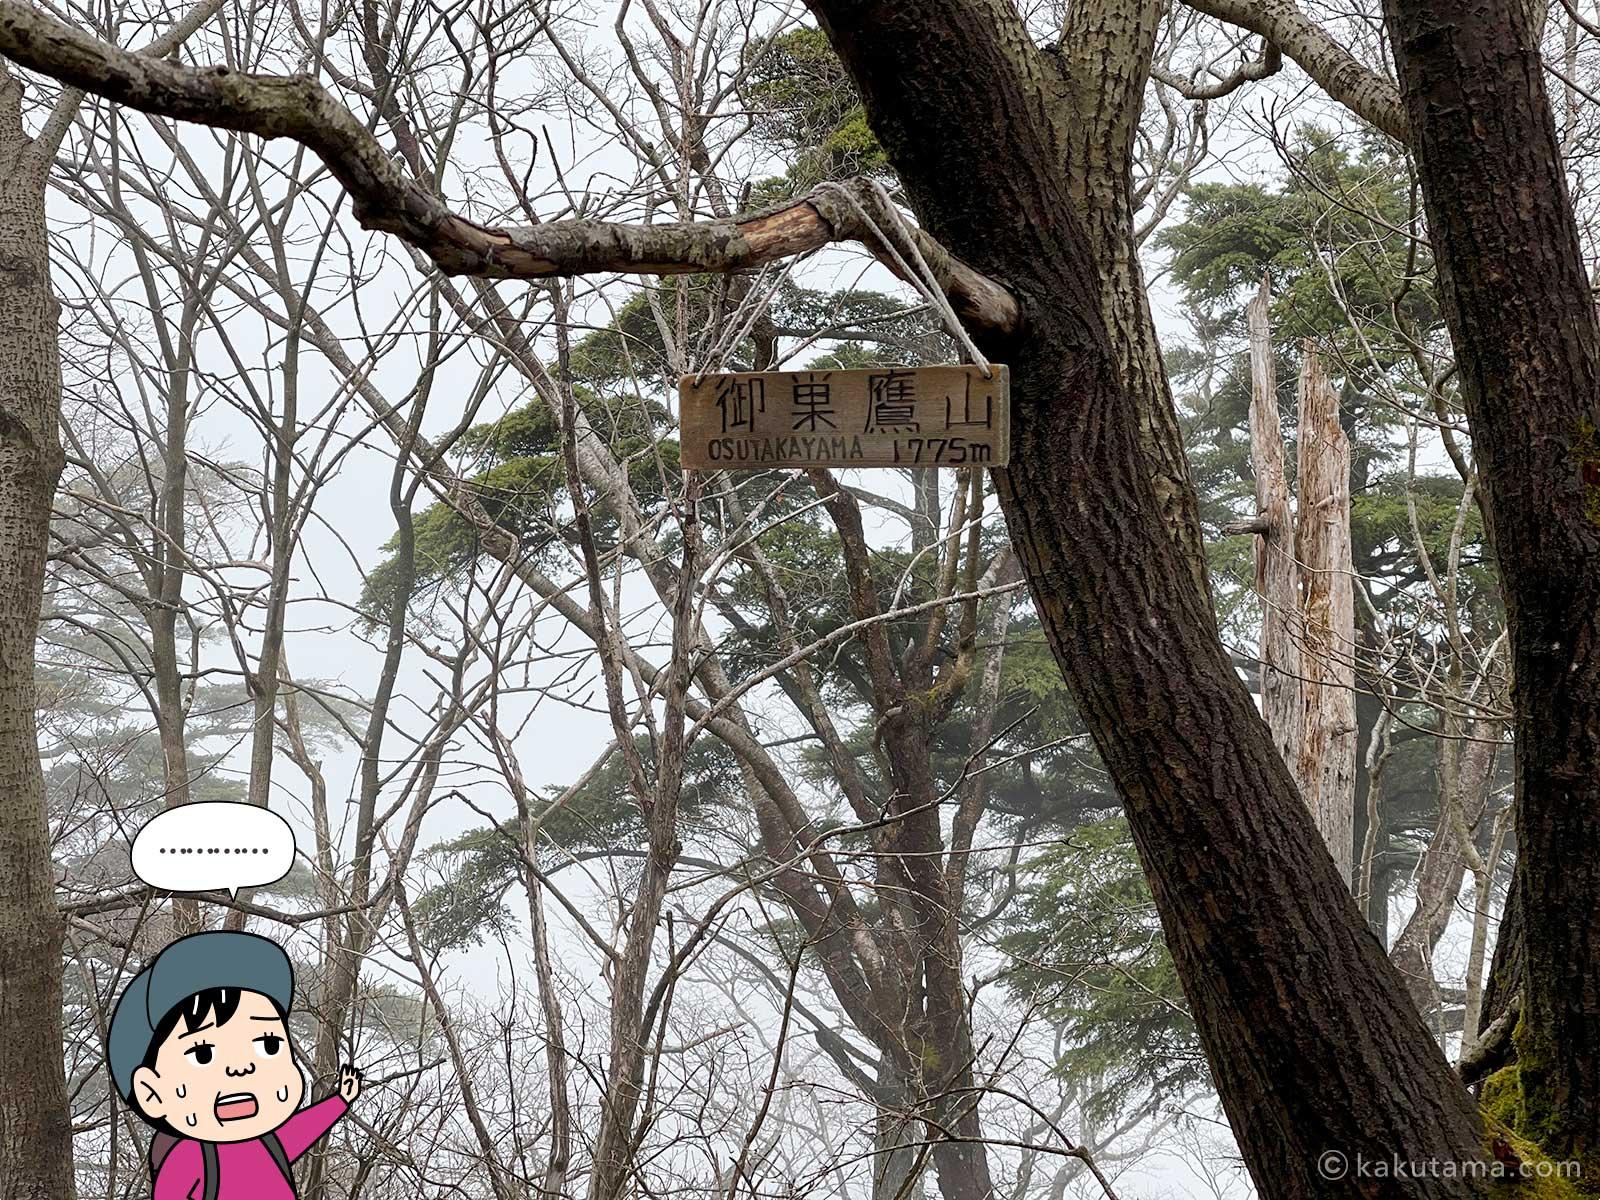 御巣鷹山の標識